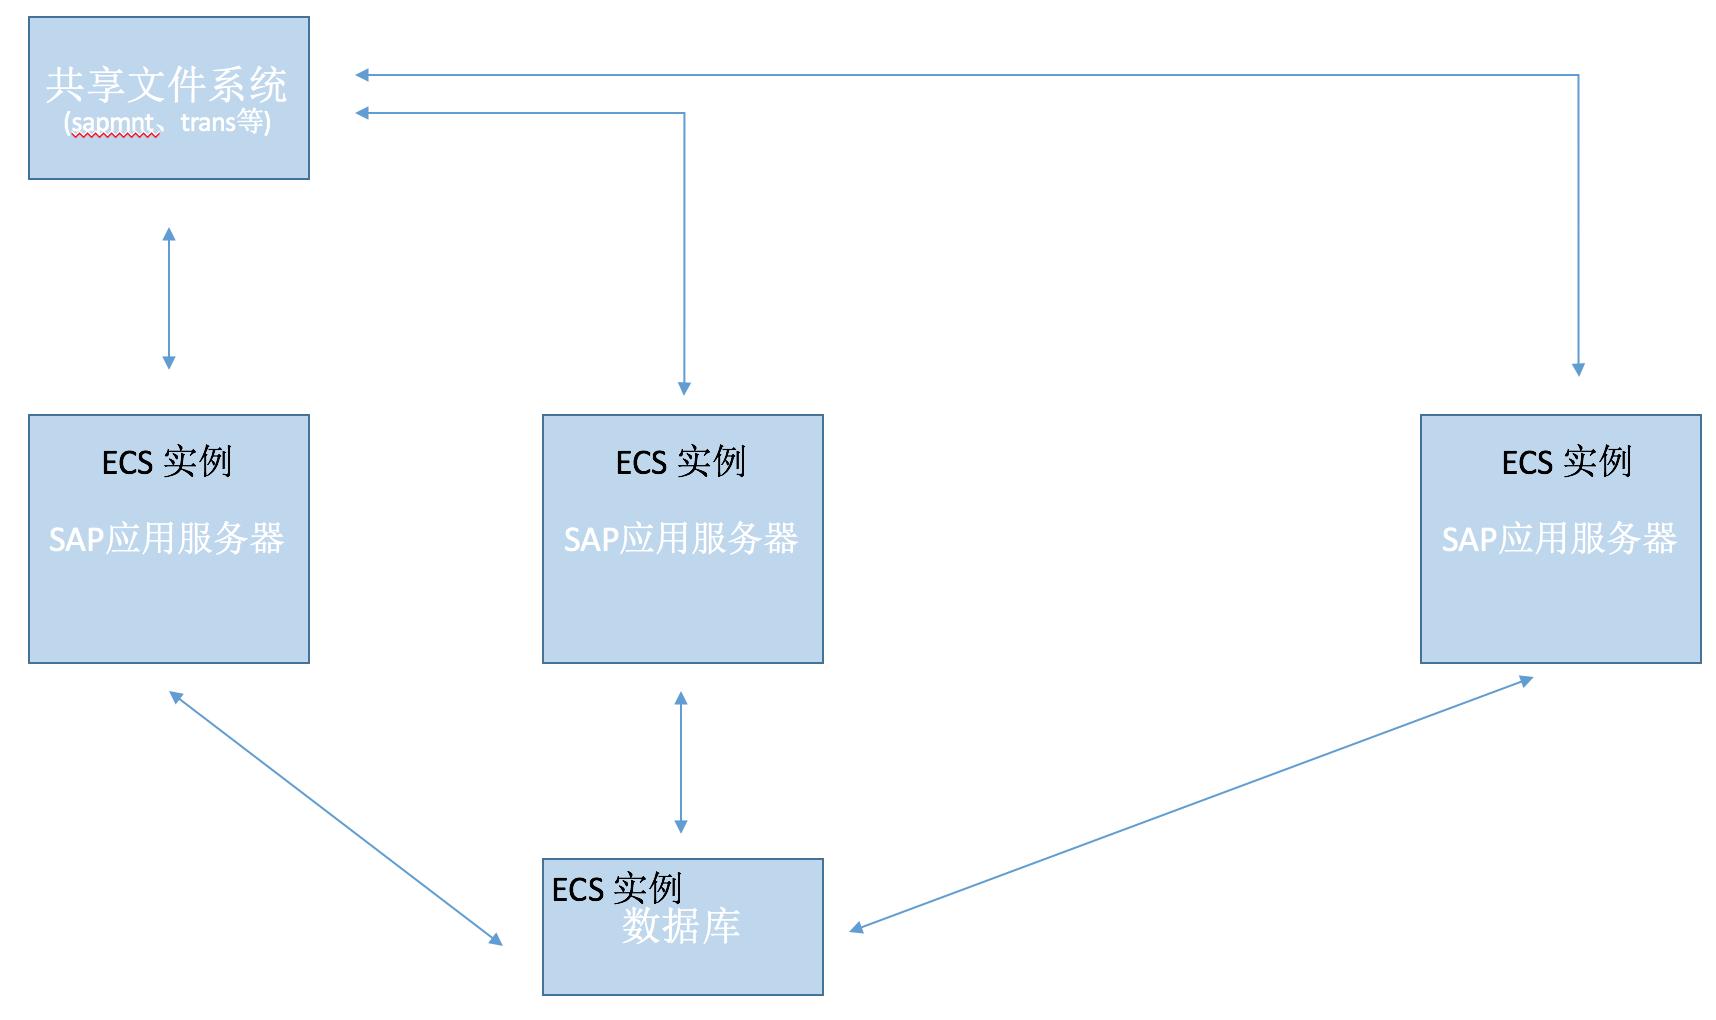 sap-netweaver-planning-3tier